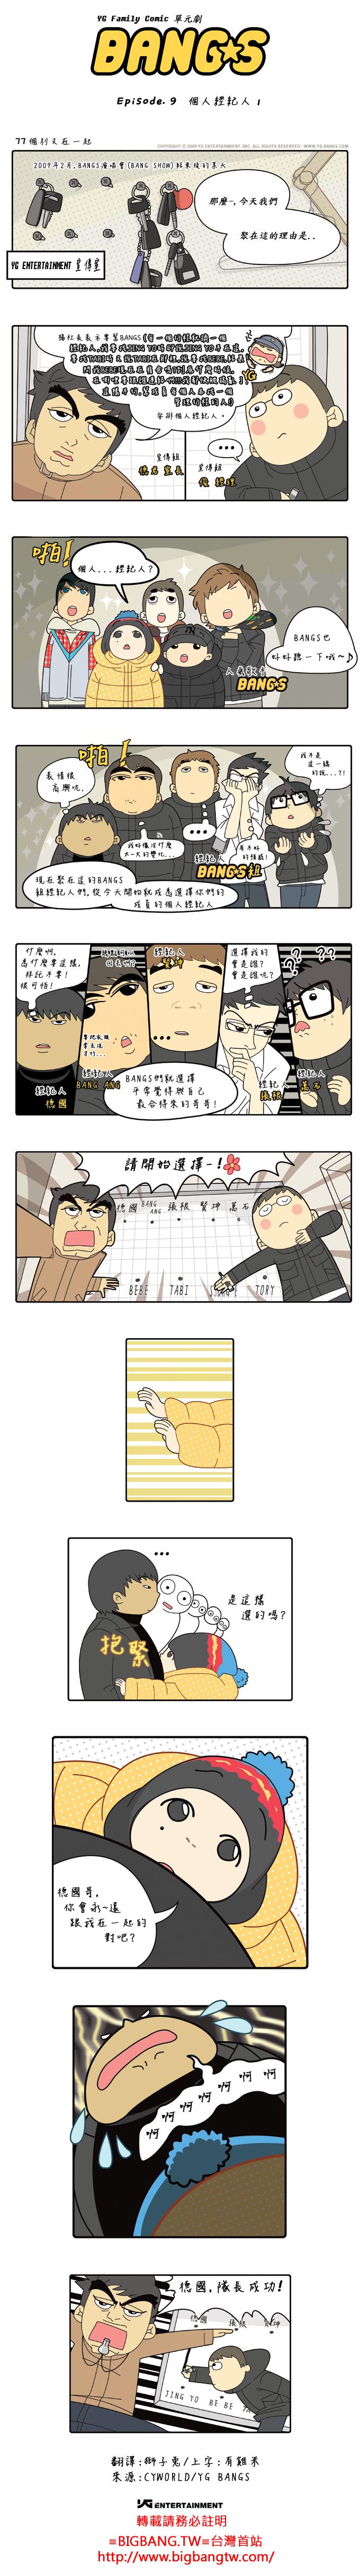 中譯 20090923_Episode 9_個人經紀人 077.jpg